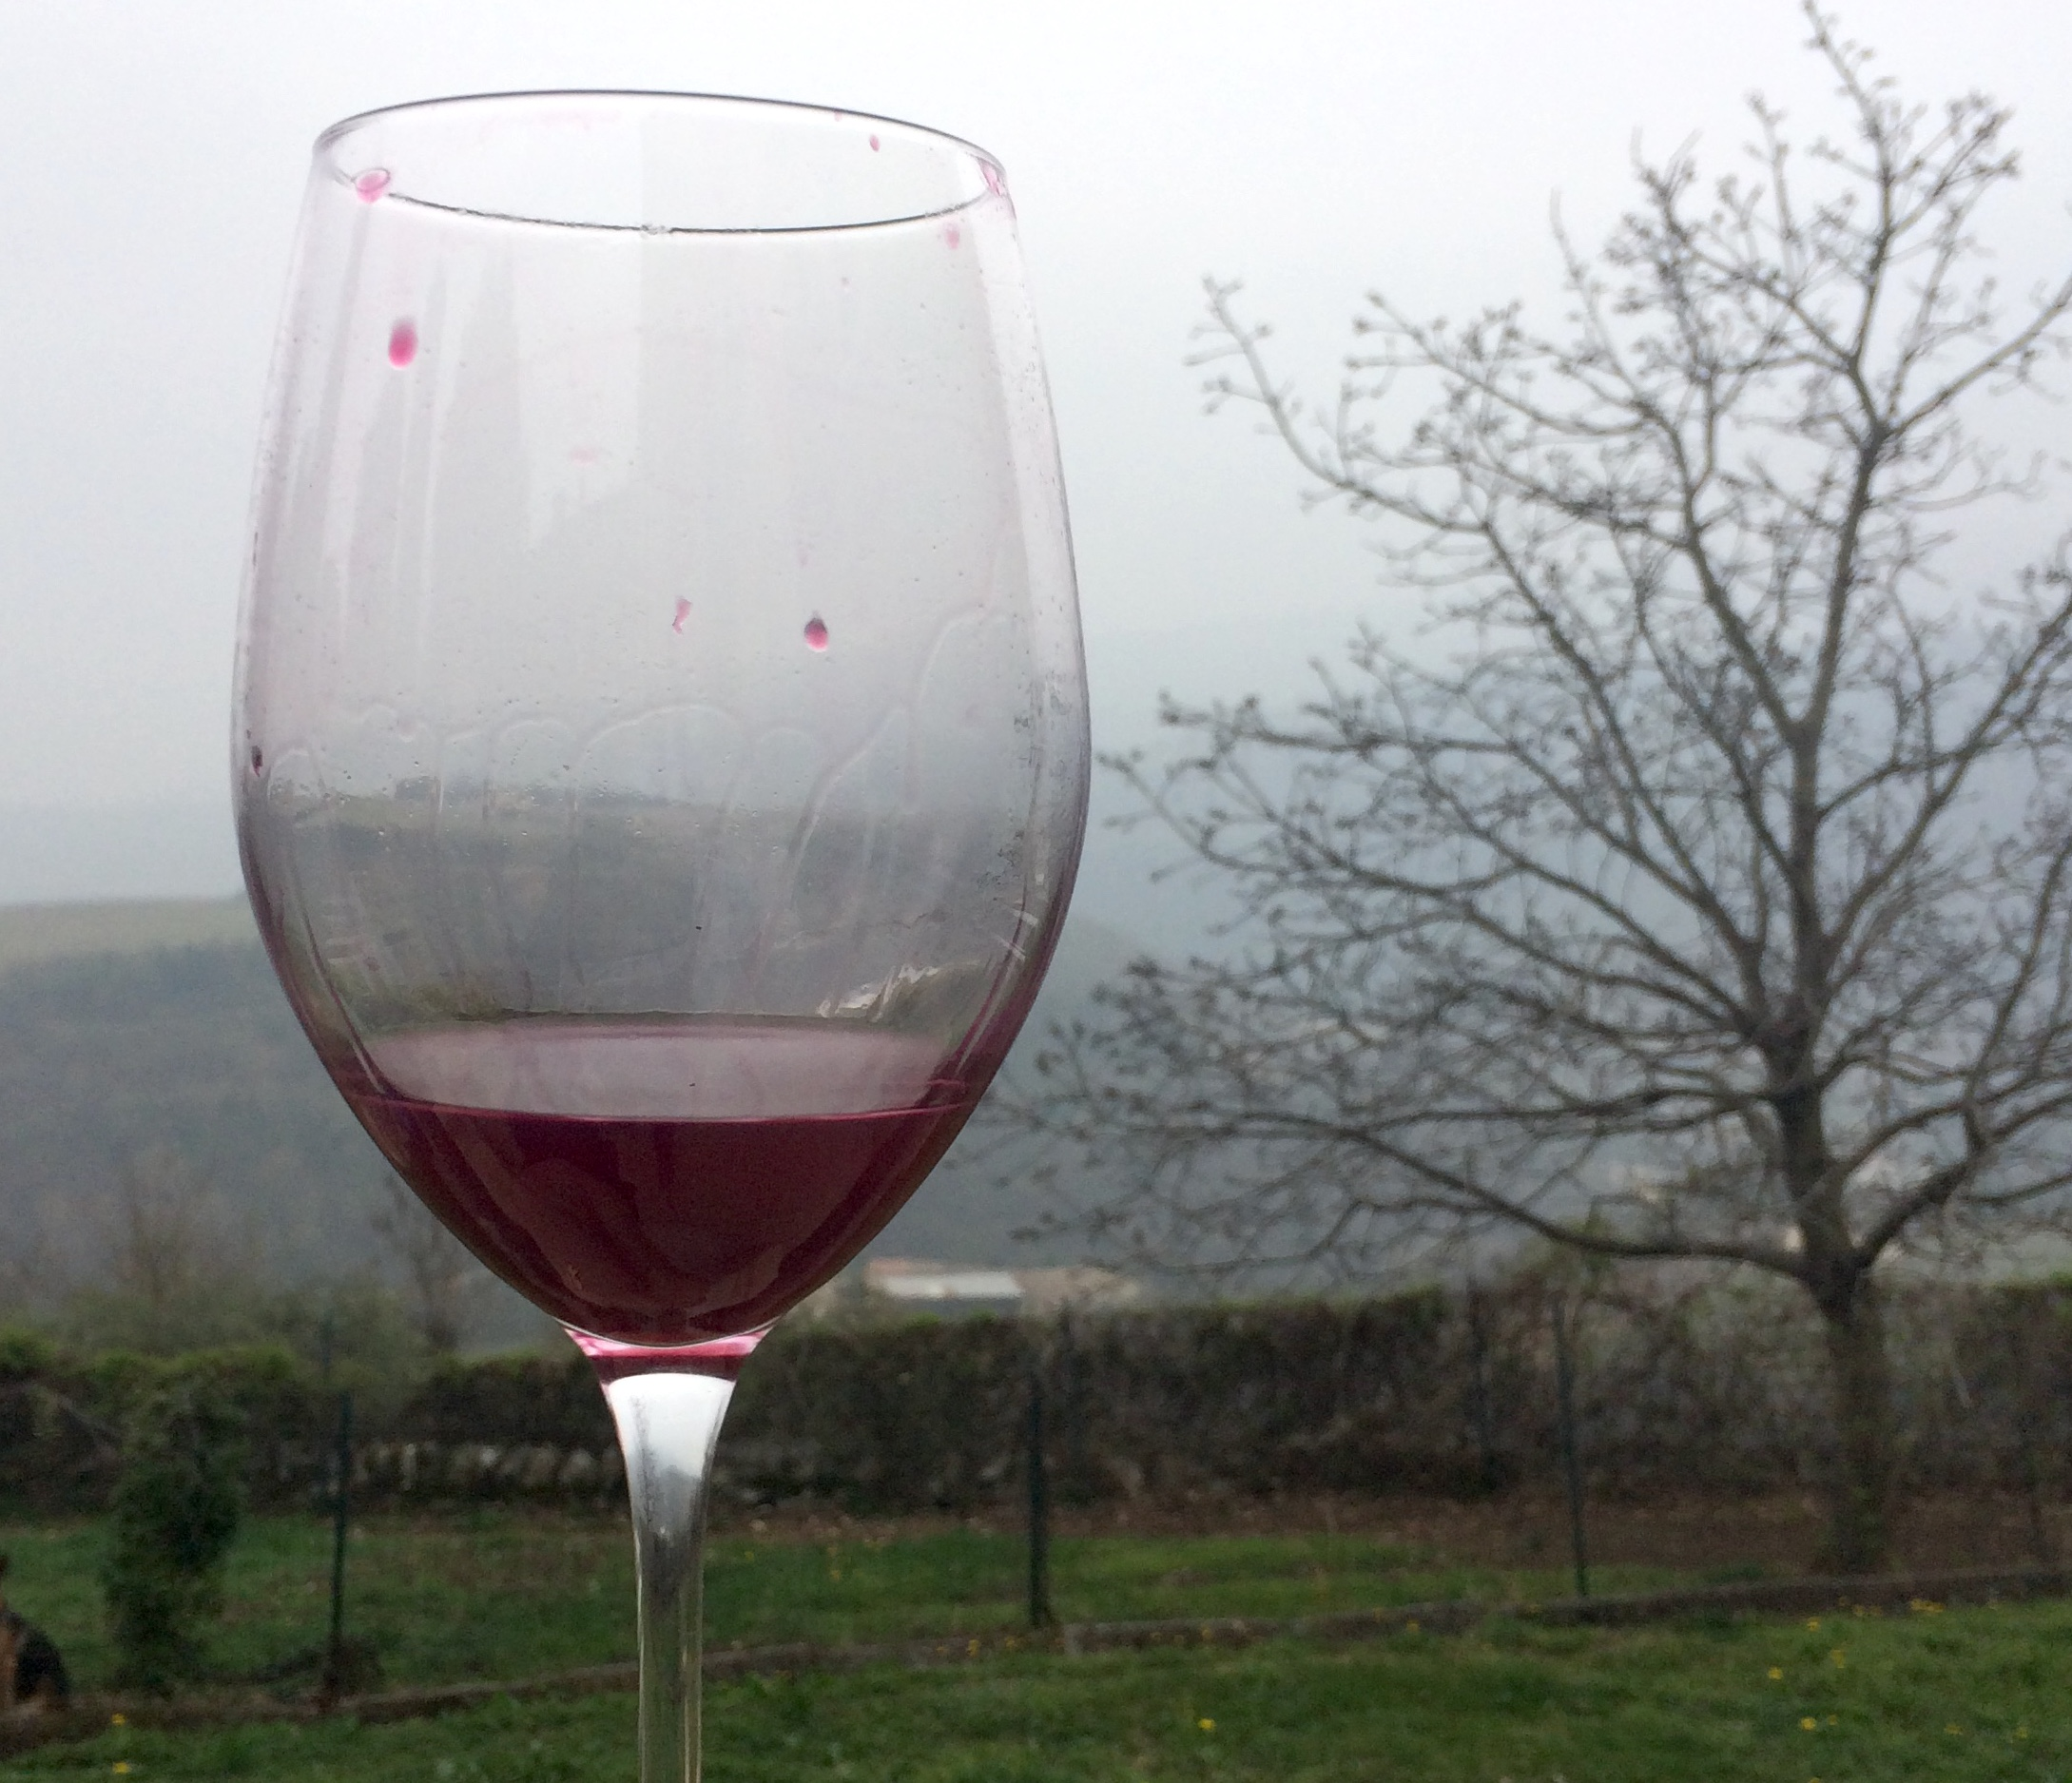 Per avere buoni risultati con il vino sui social media, dobbiamo andare fino in fondo all'esperienza… come con un buon bicchiere